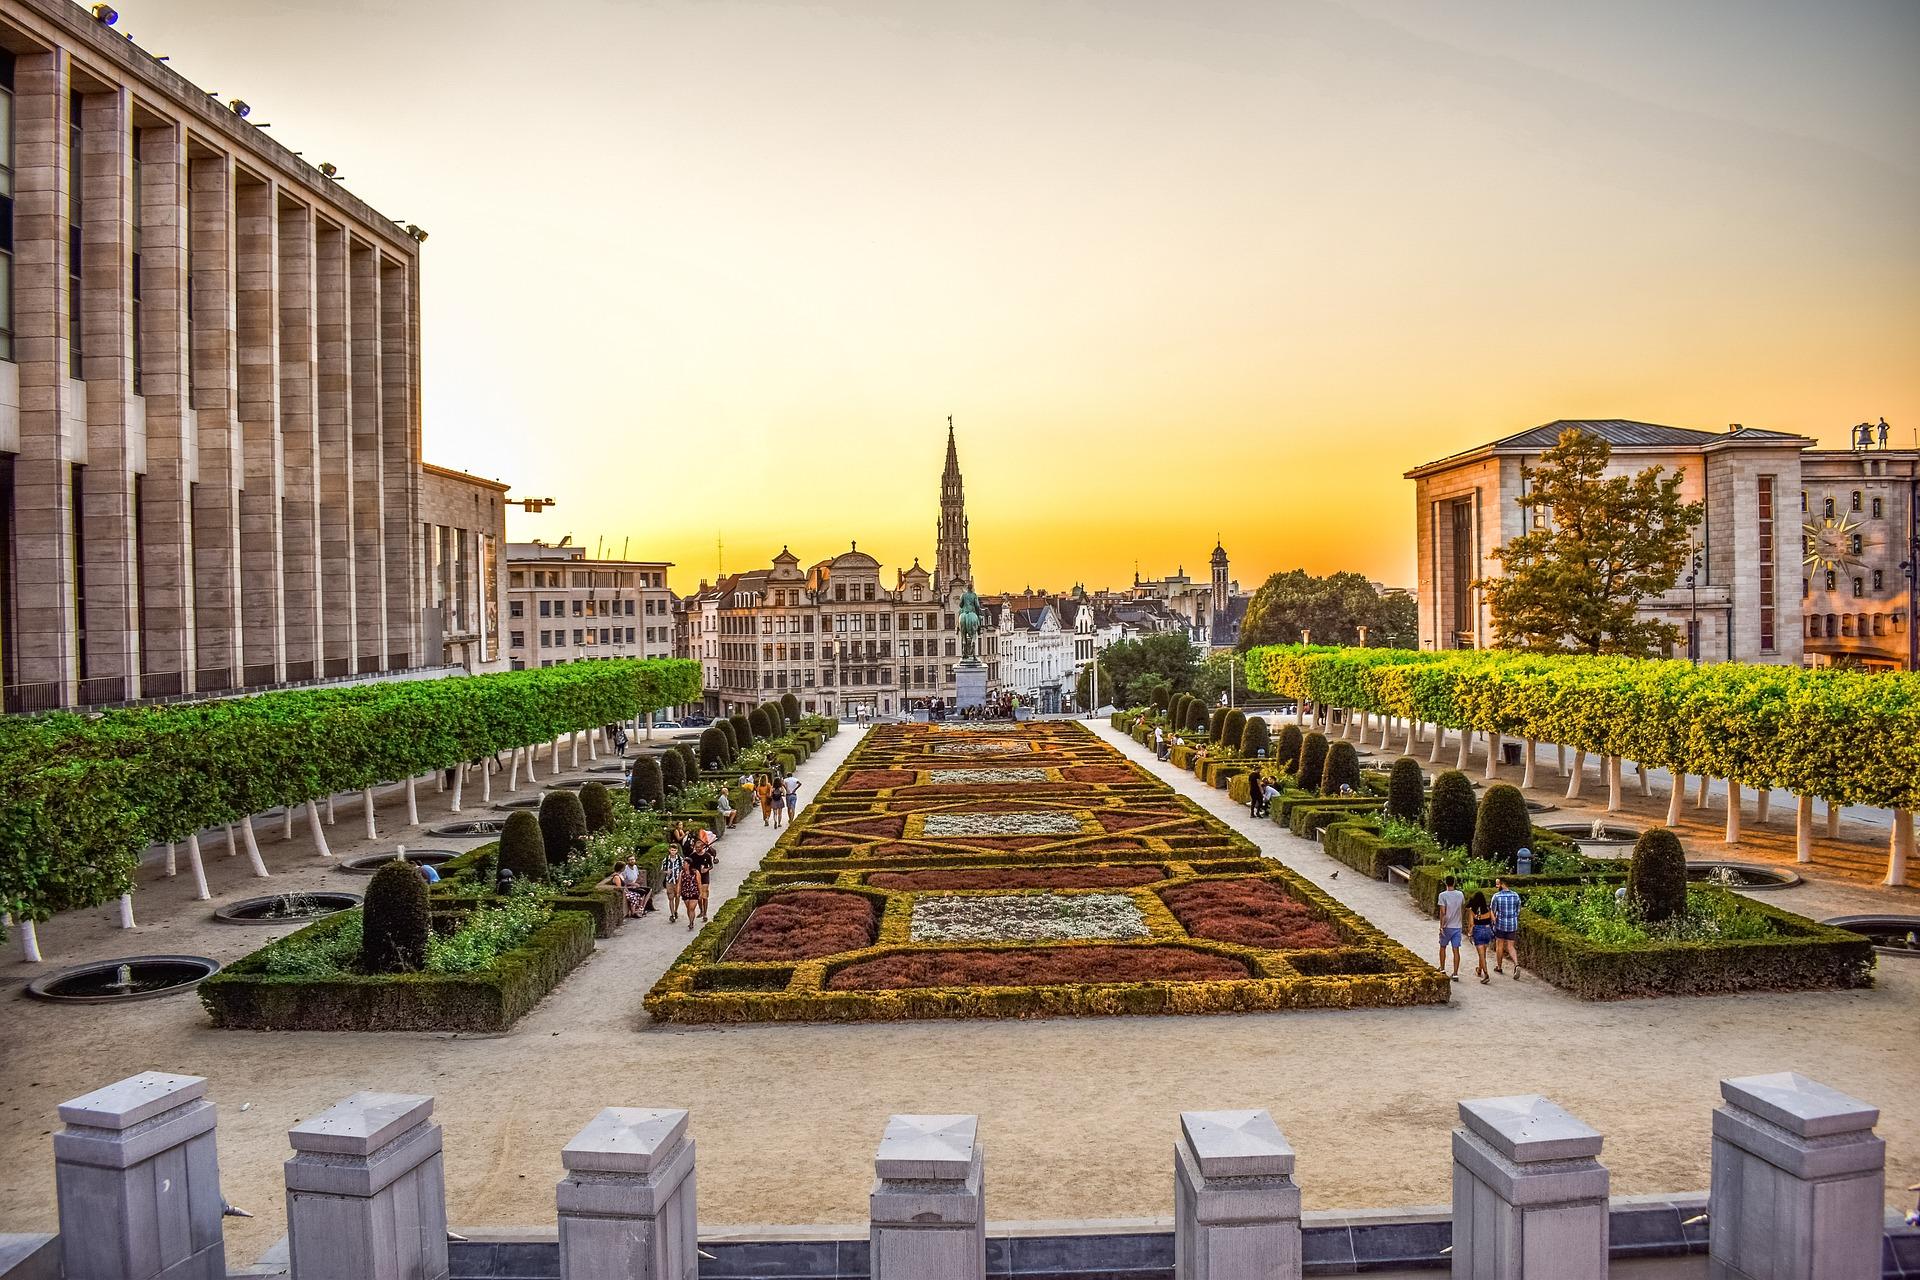 Sunset in der Haupstadt von Belgien